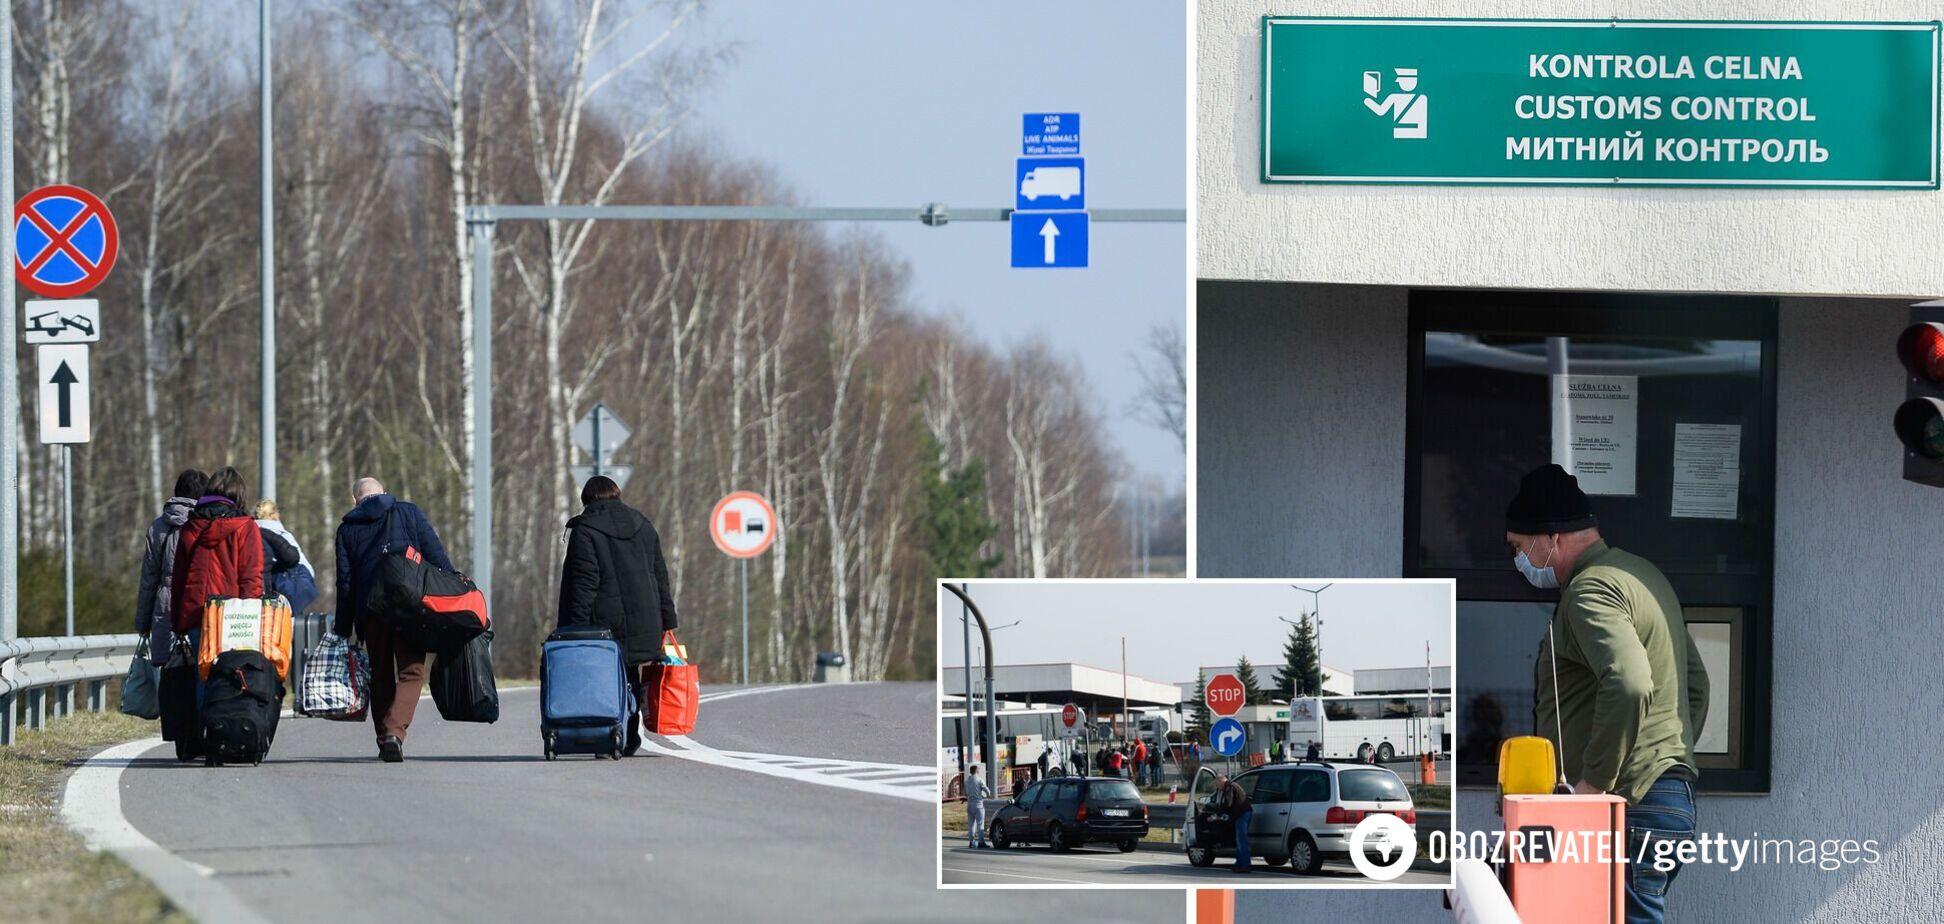 Українці кинулися на заробітки в Європу: на кордоні з Польщею утворилися черги. Відео